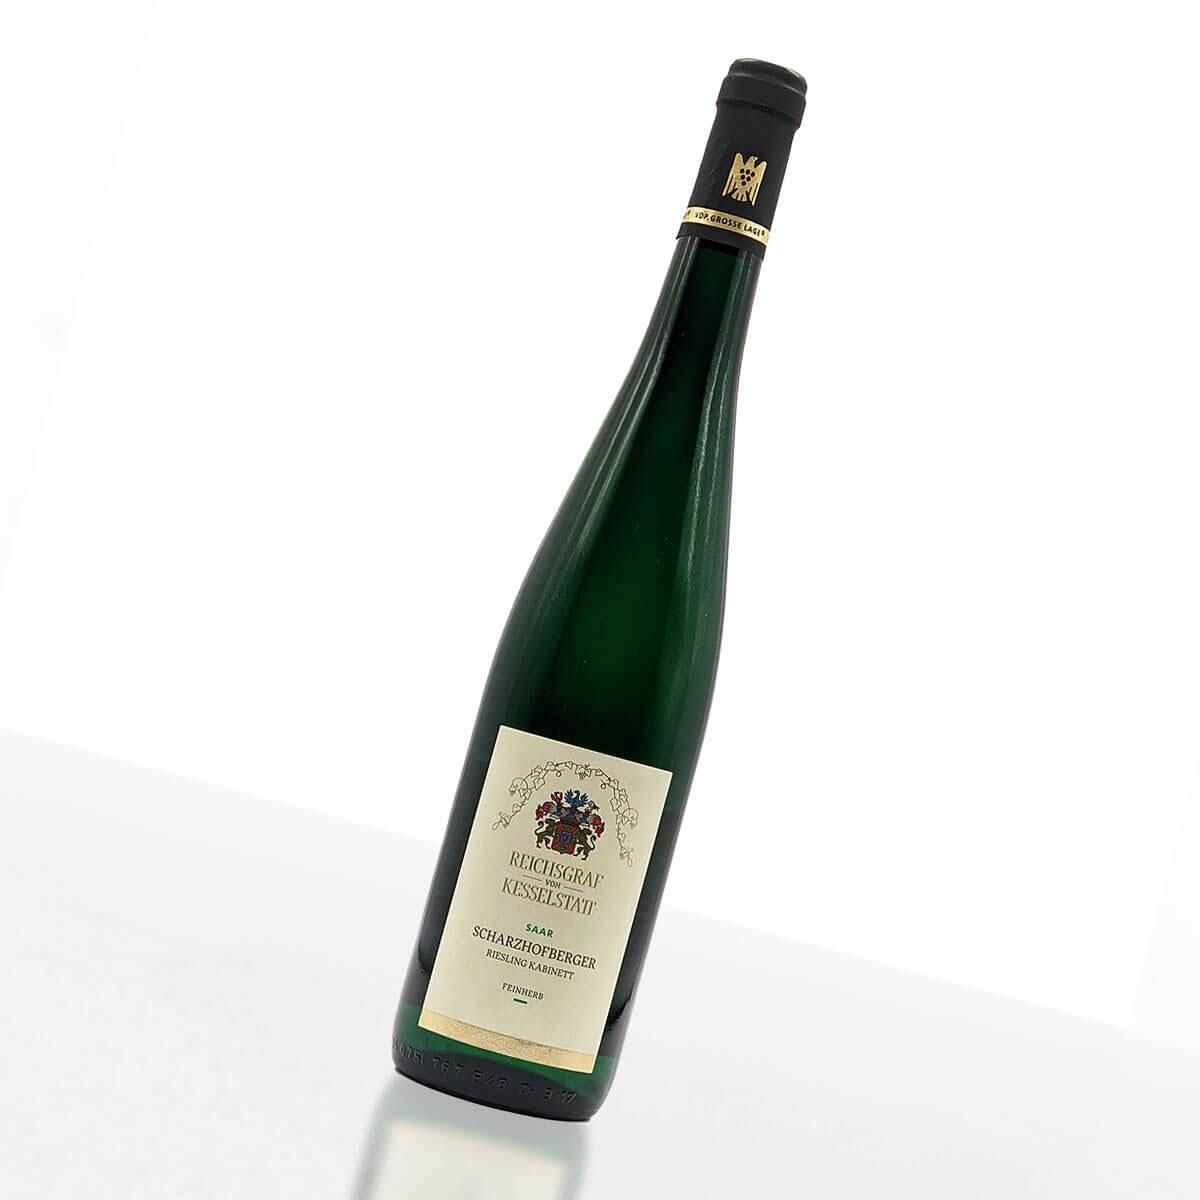 2018er Scharzhofberger Riesling Kabinett feinherb • Weingut Reichsgraf von Kesselstatt